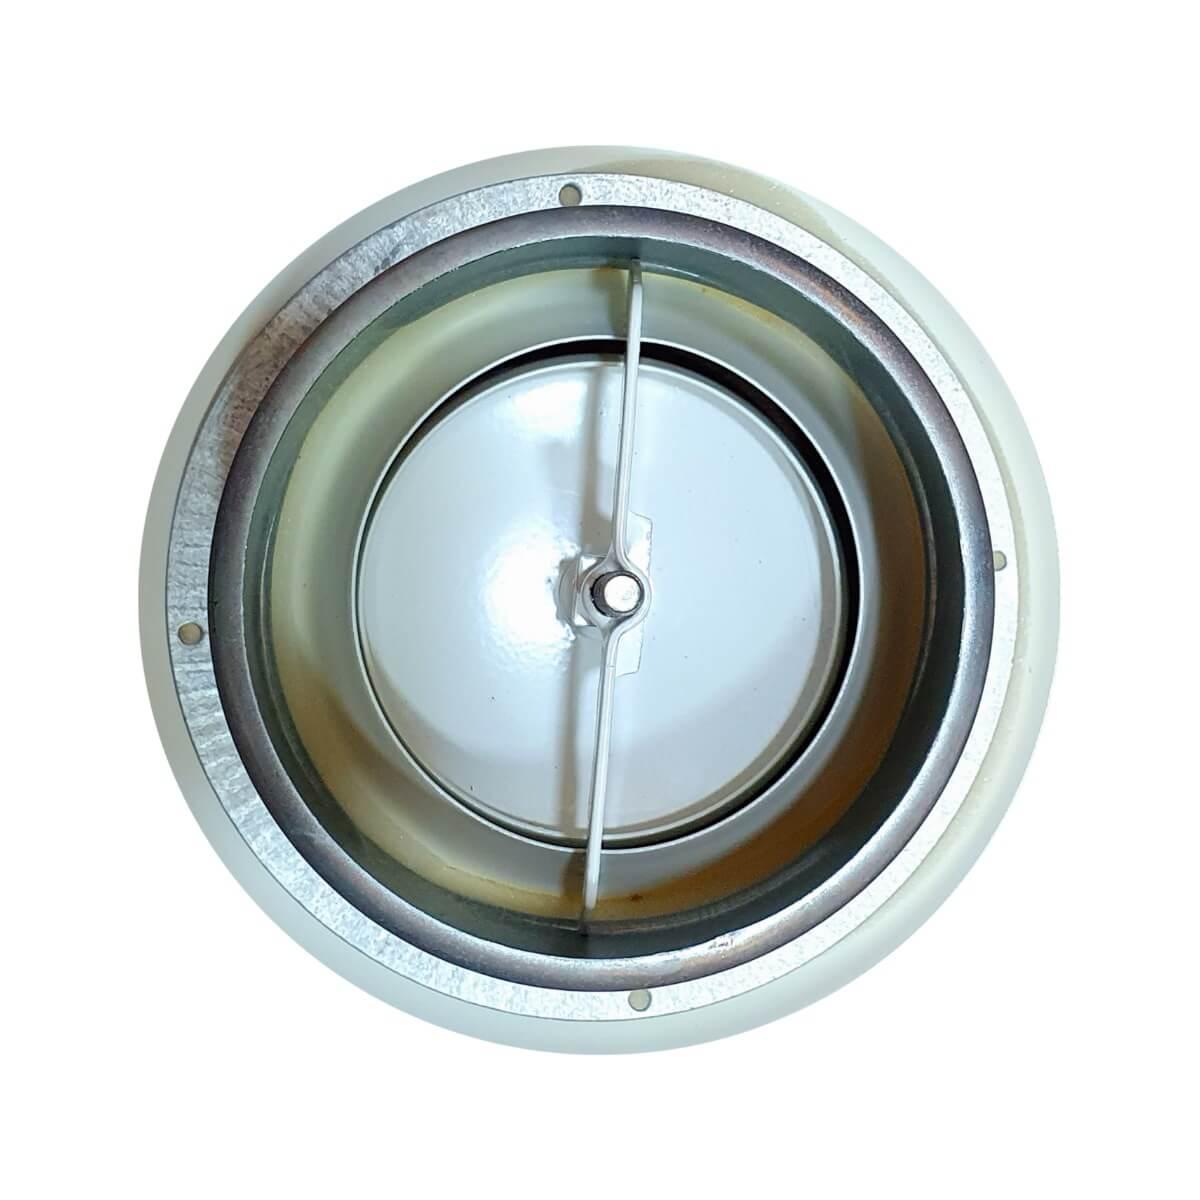 Difusor Redondo Regulavel Metalica Mod: BOC-125 S&P  - Nova Exaustores